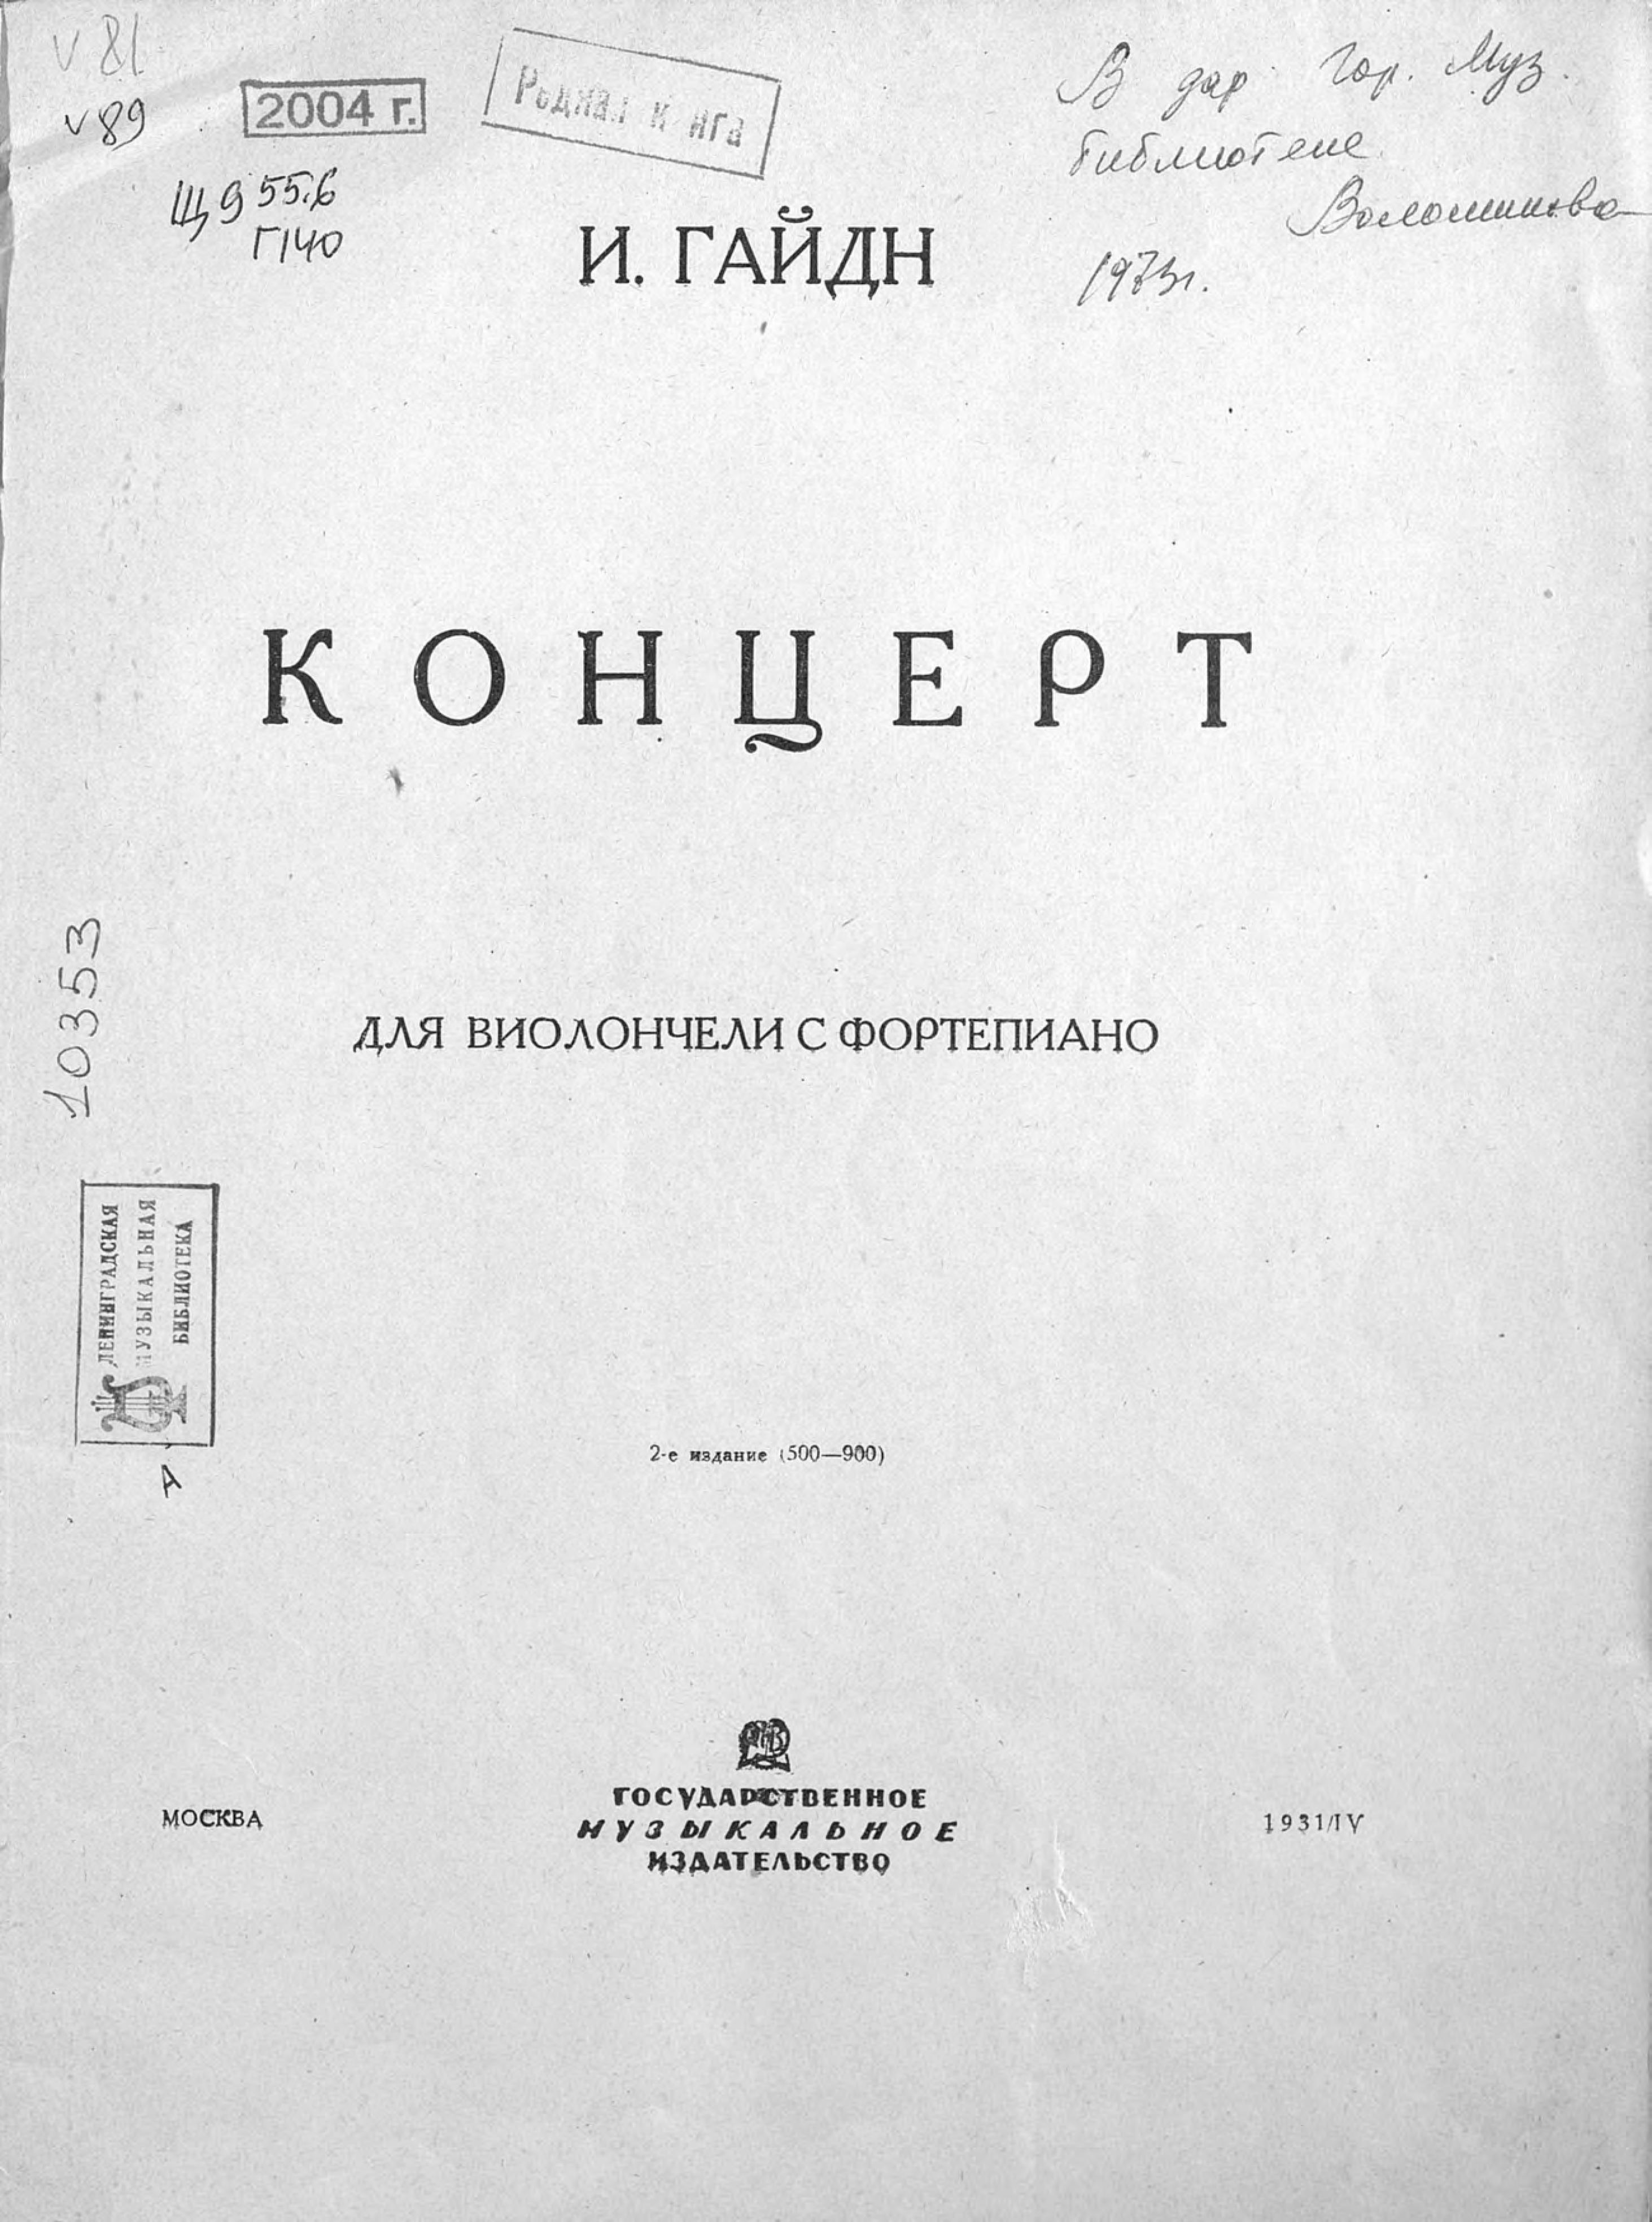 Йозеф Гайдн Концерт для виолончели с фортепиано гайдн йозеф альбом пьес переложение для виолончели и фортепиано